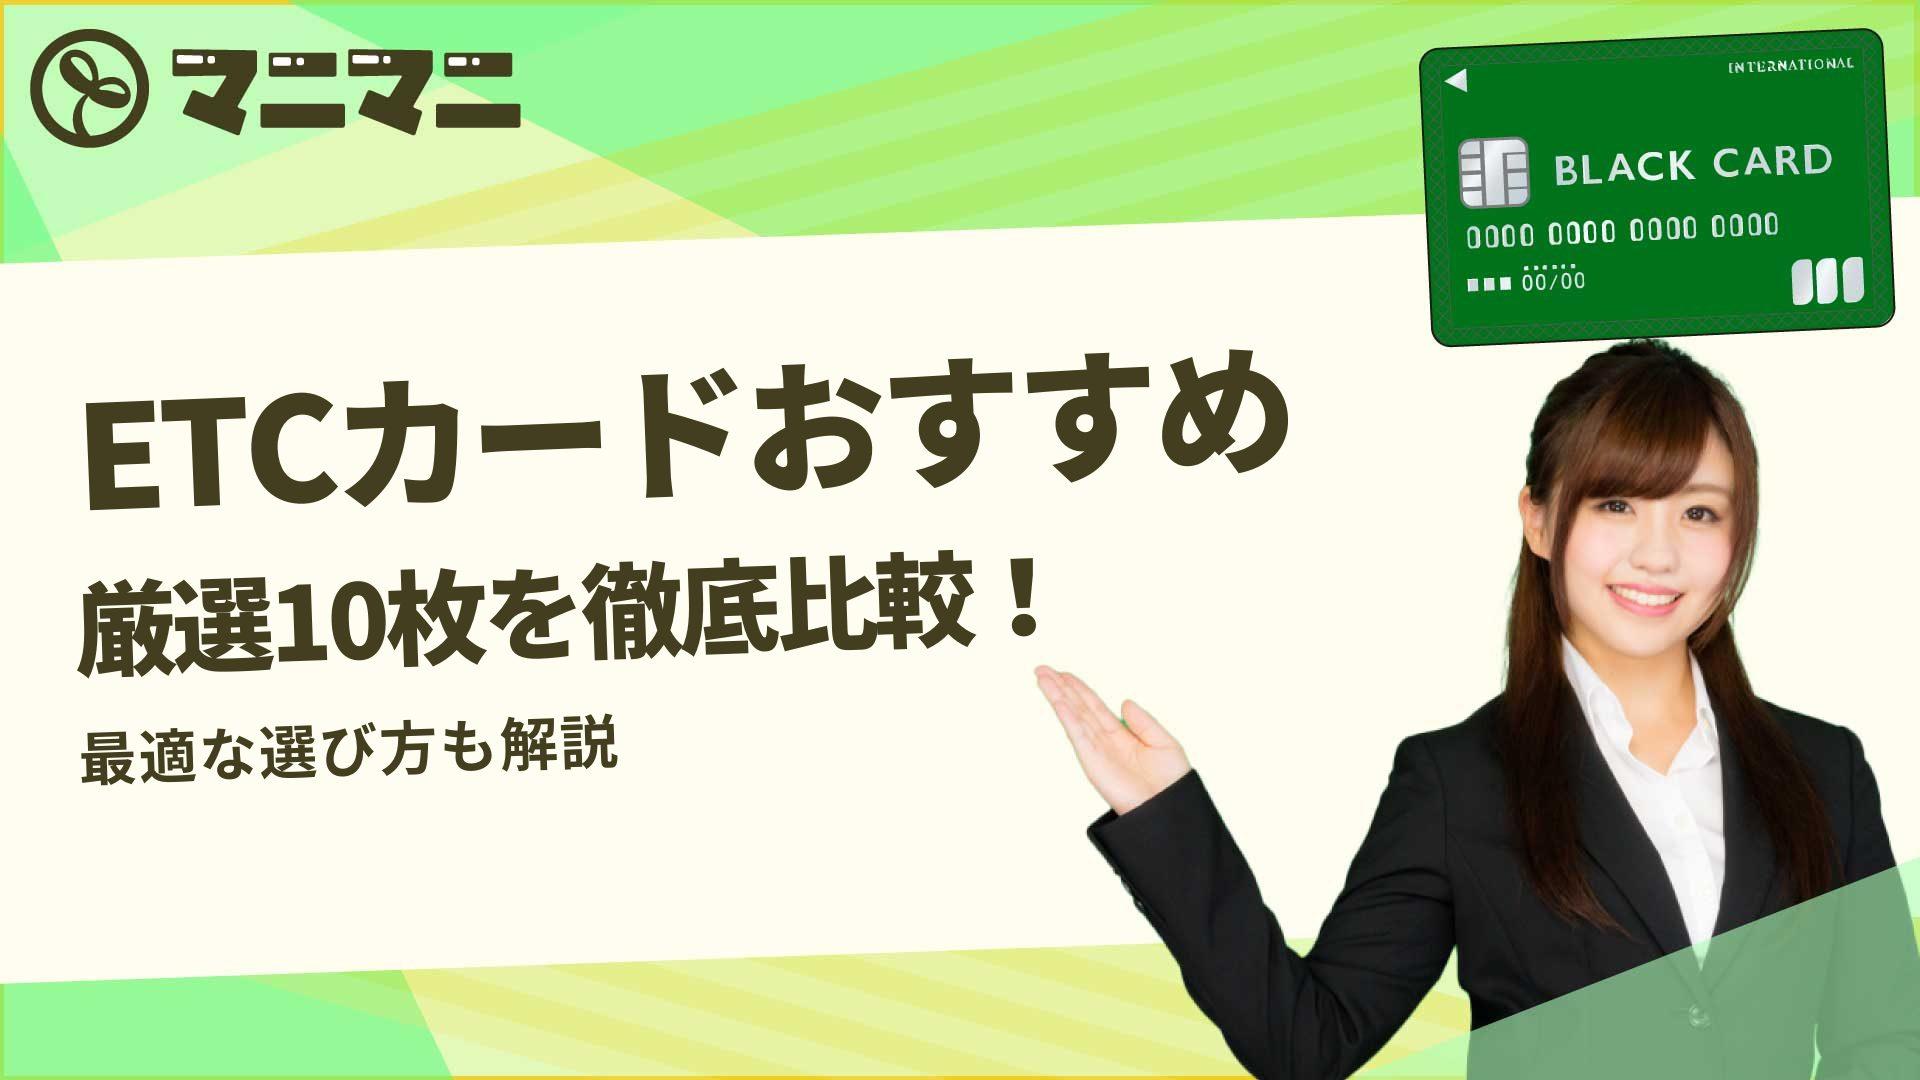 【年会費無料】ETCカードおすすめ10選を解説!法人向けカードは?